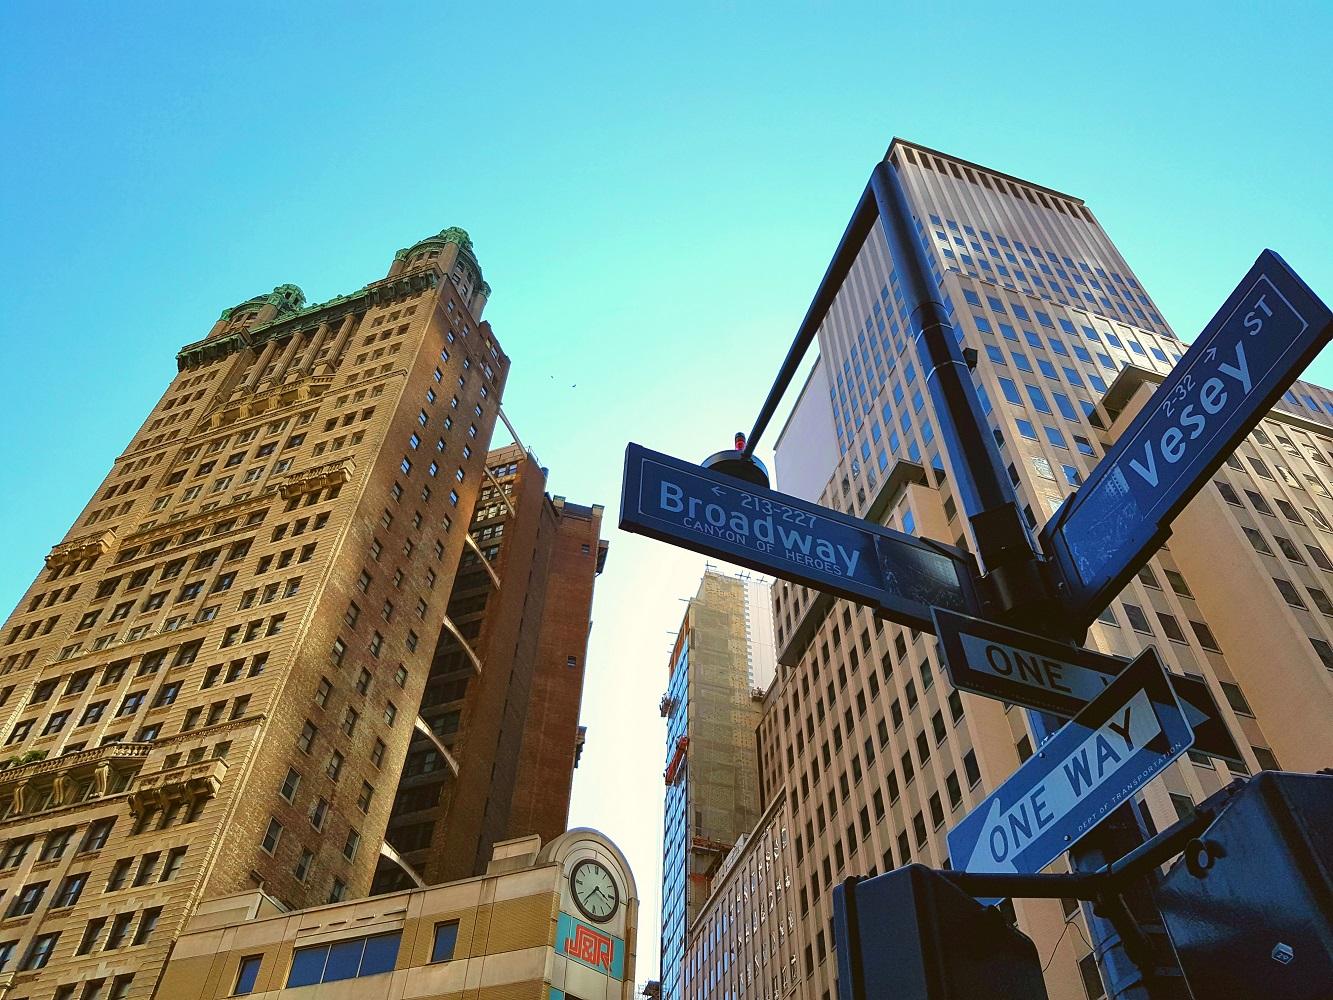 Mein Schiff Destination: Das Straßenbild in Manhattan